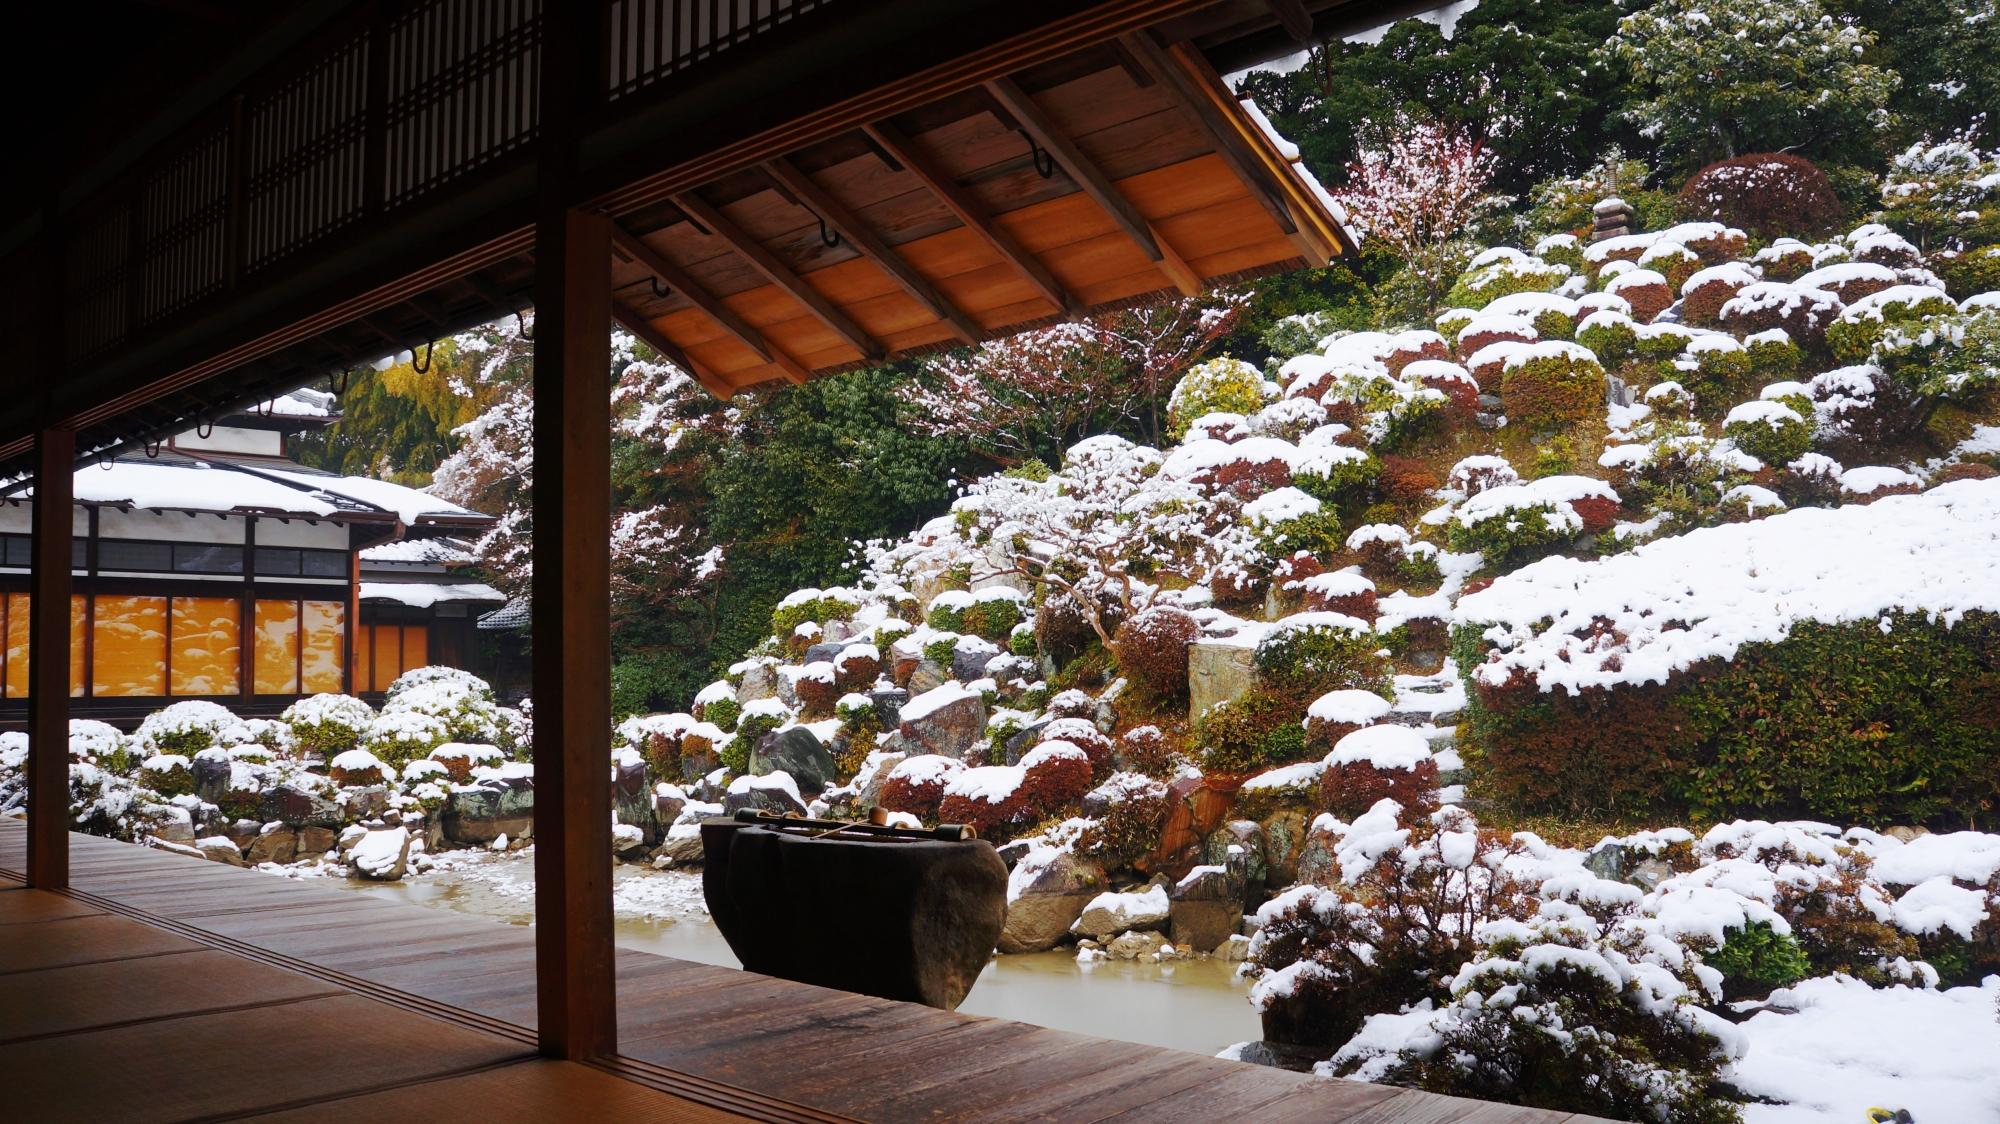 手水鉢にも趣きがある雪の智積院